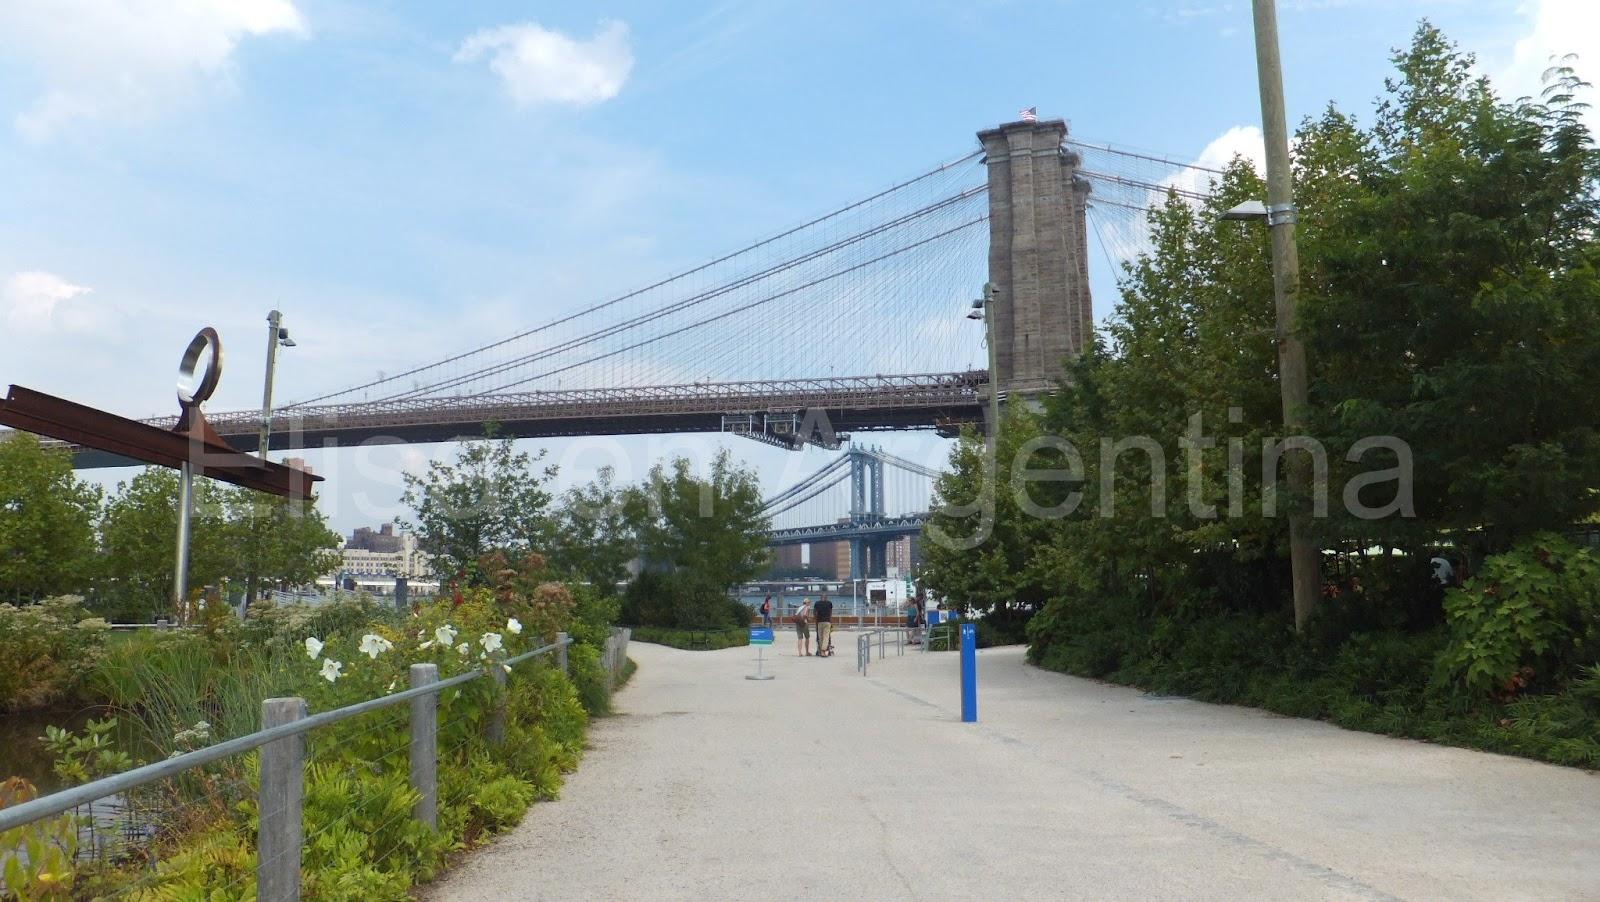 Brooklyn Heights Promenade, New York, Elisa N, Blog de Viajes, Lifestyle, Travel